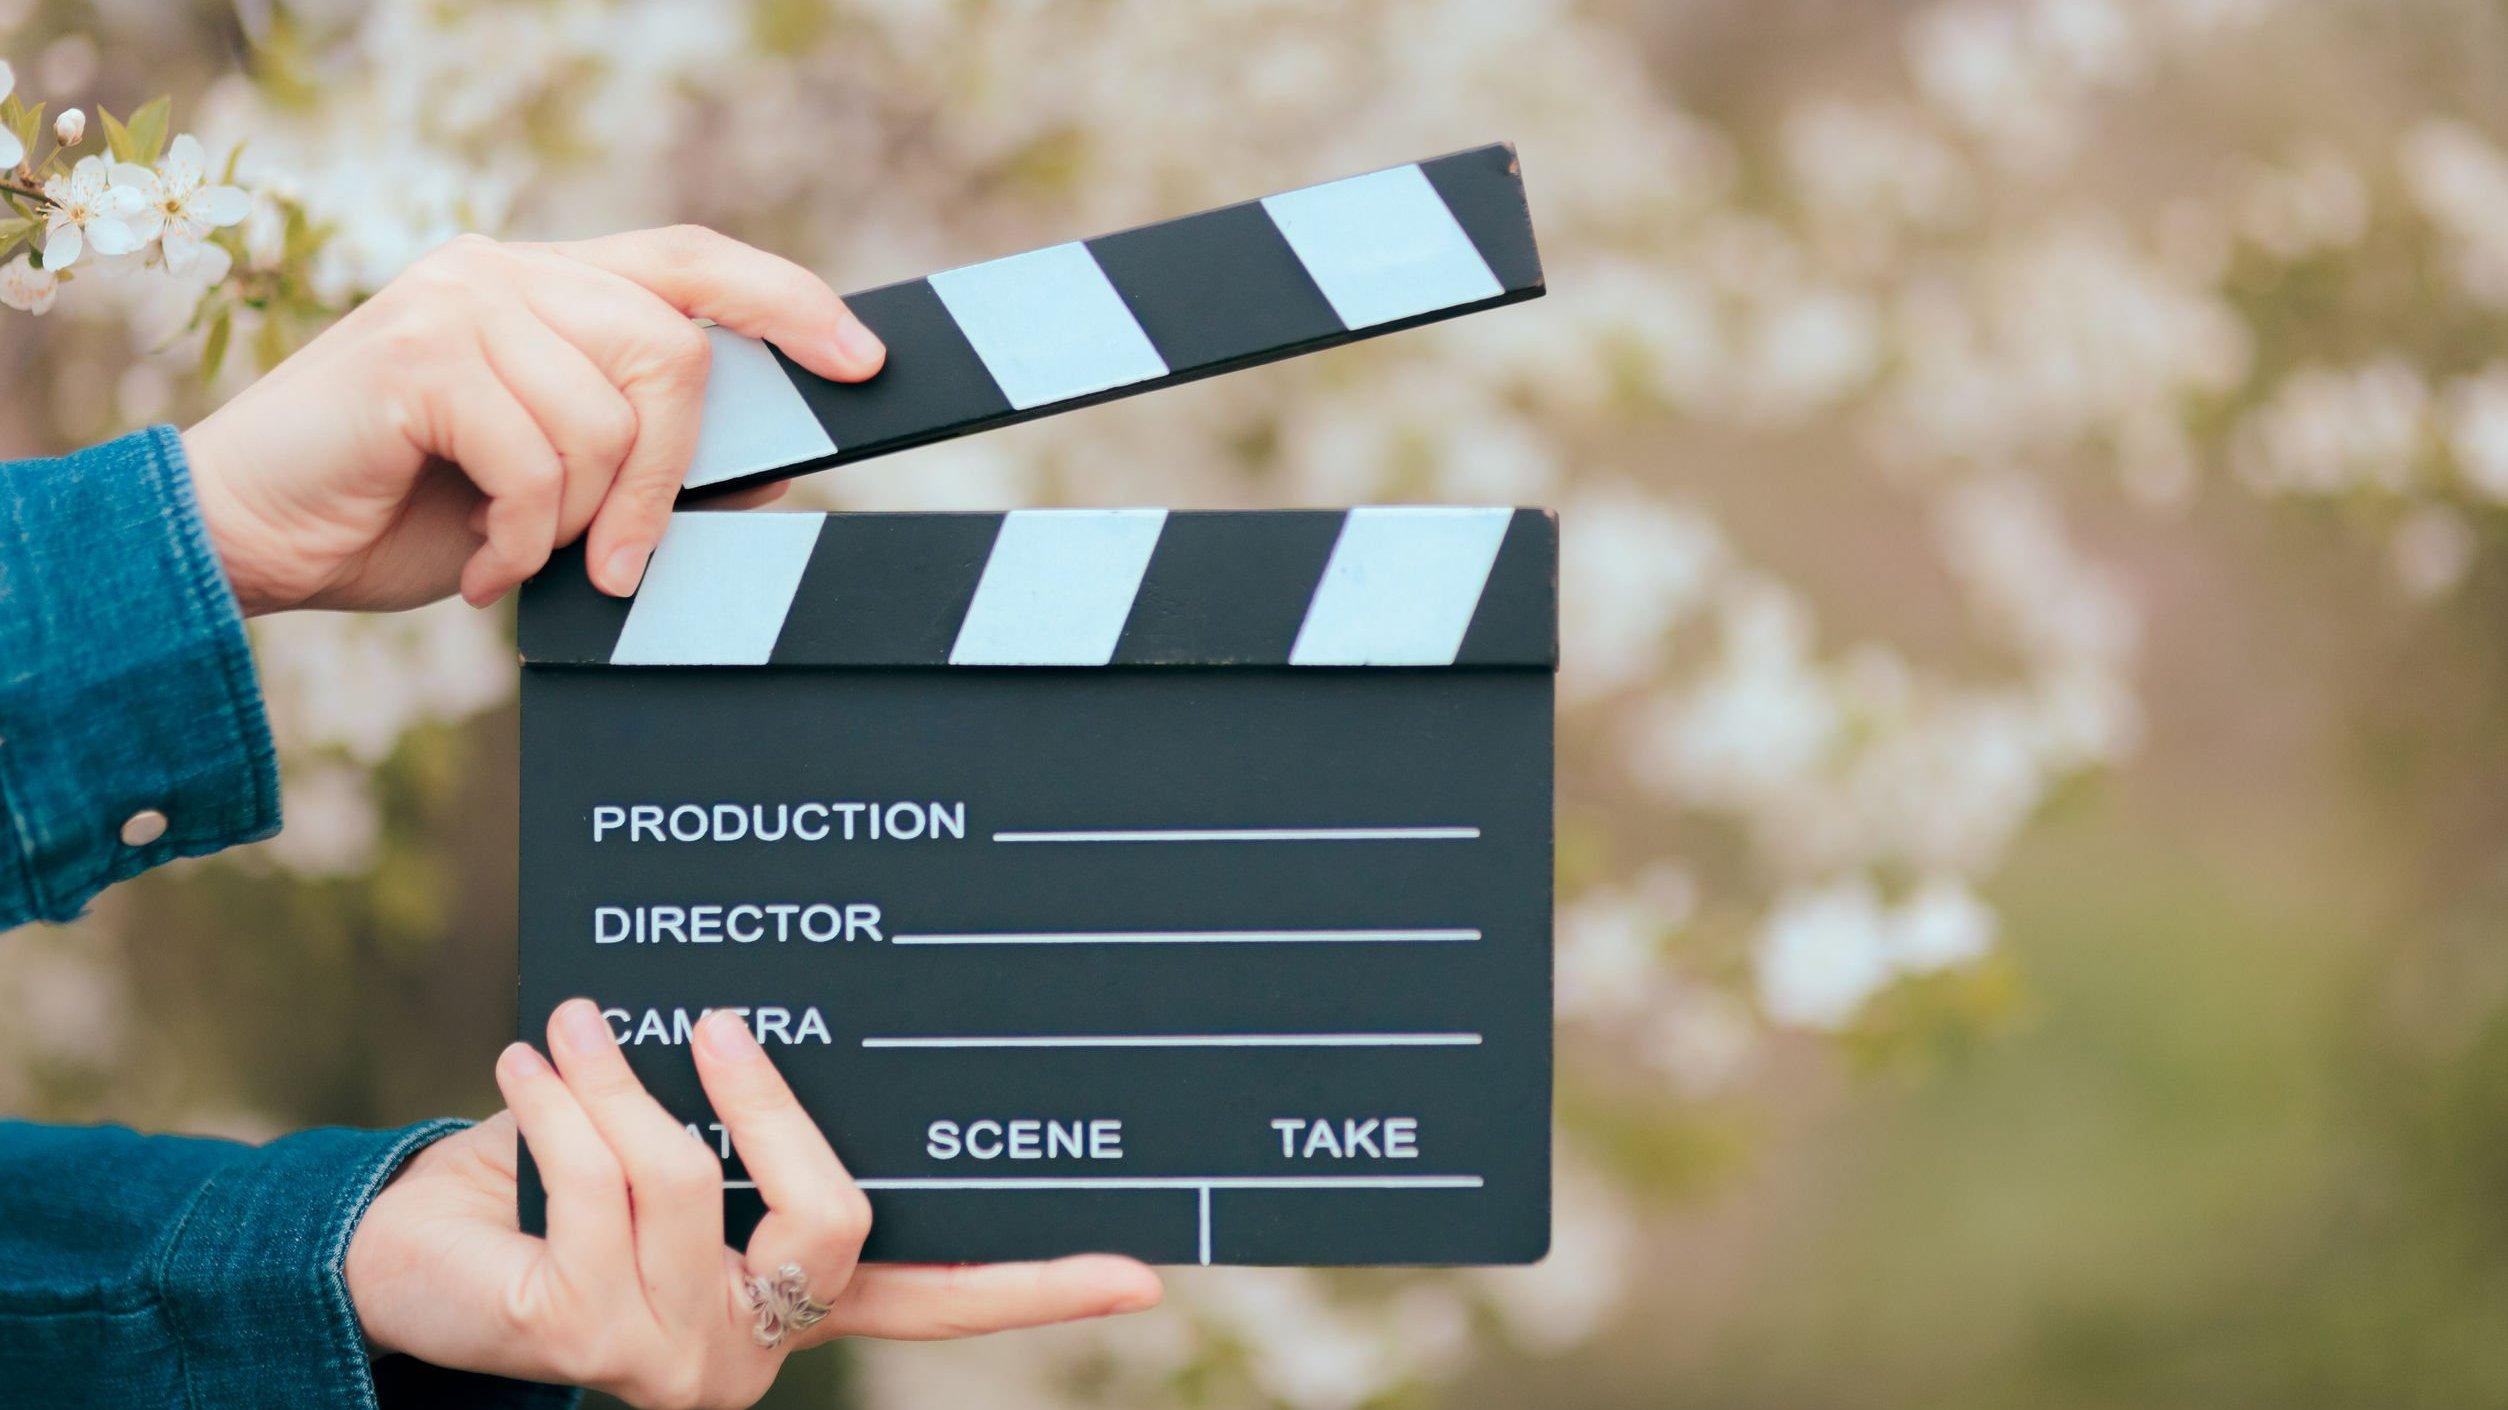 Mãos segurando um filme de ardósia de cinema em fundo de primavera florescendo.